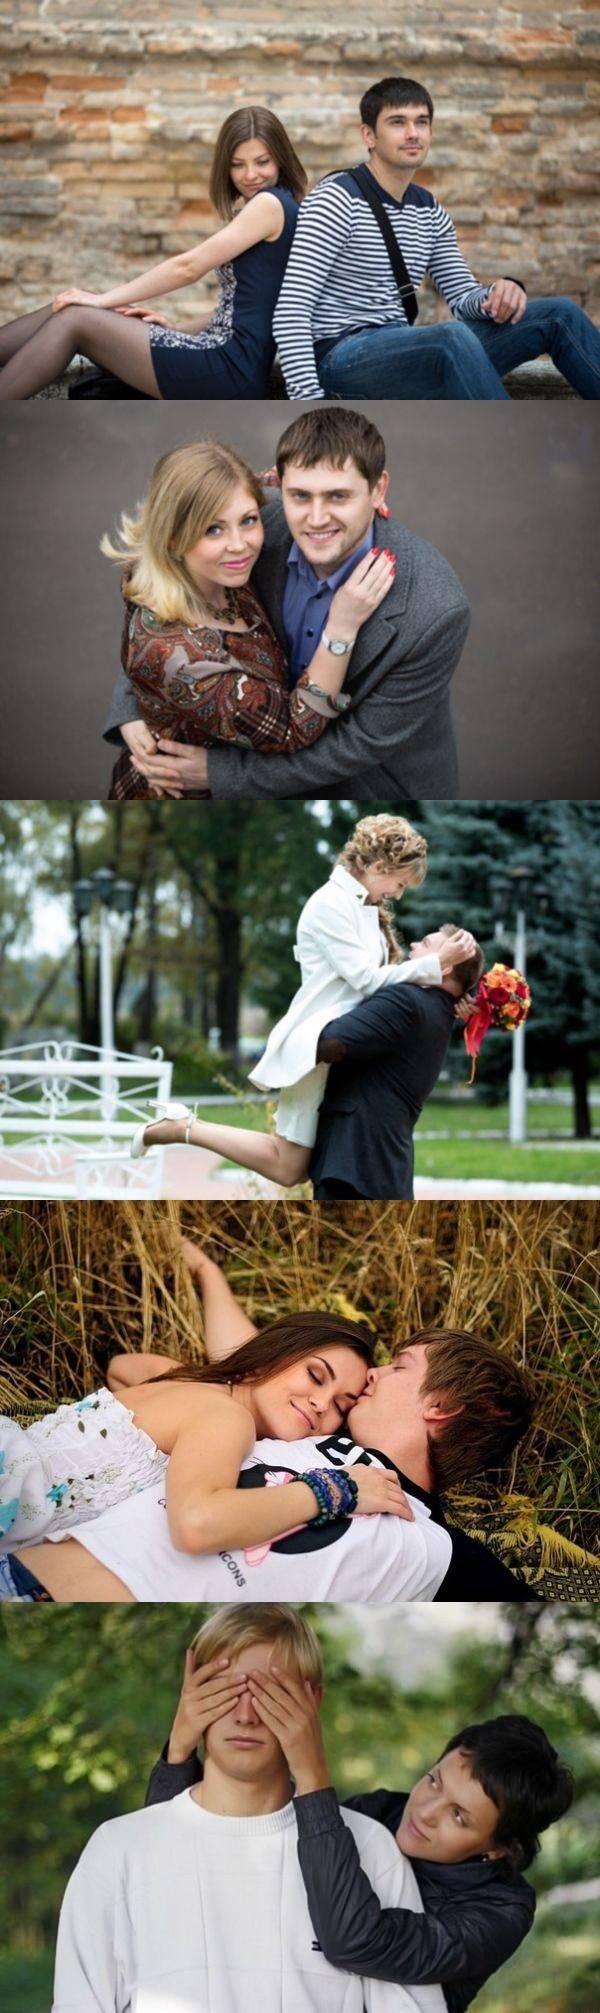 Фото подборка идей. Снимки влюбленной пары